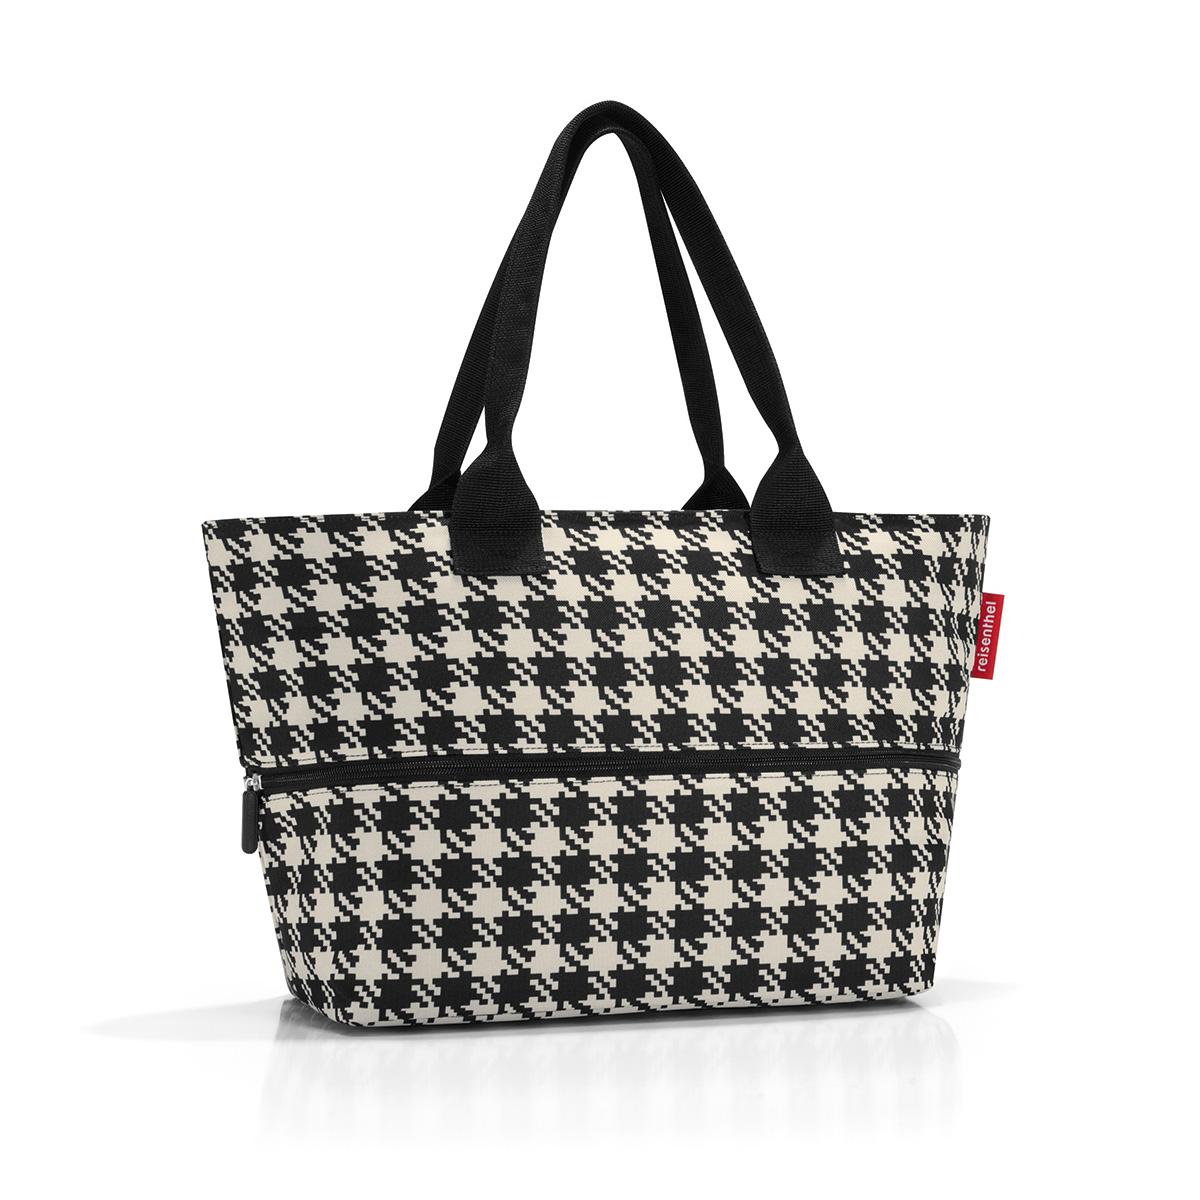 Сумка женская Reisenthel Shopper E1, цвет: черный, бежевый. RJ7028 сумка женская reisenthel цвет бежевый черный ms7027